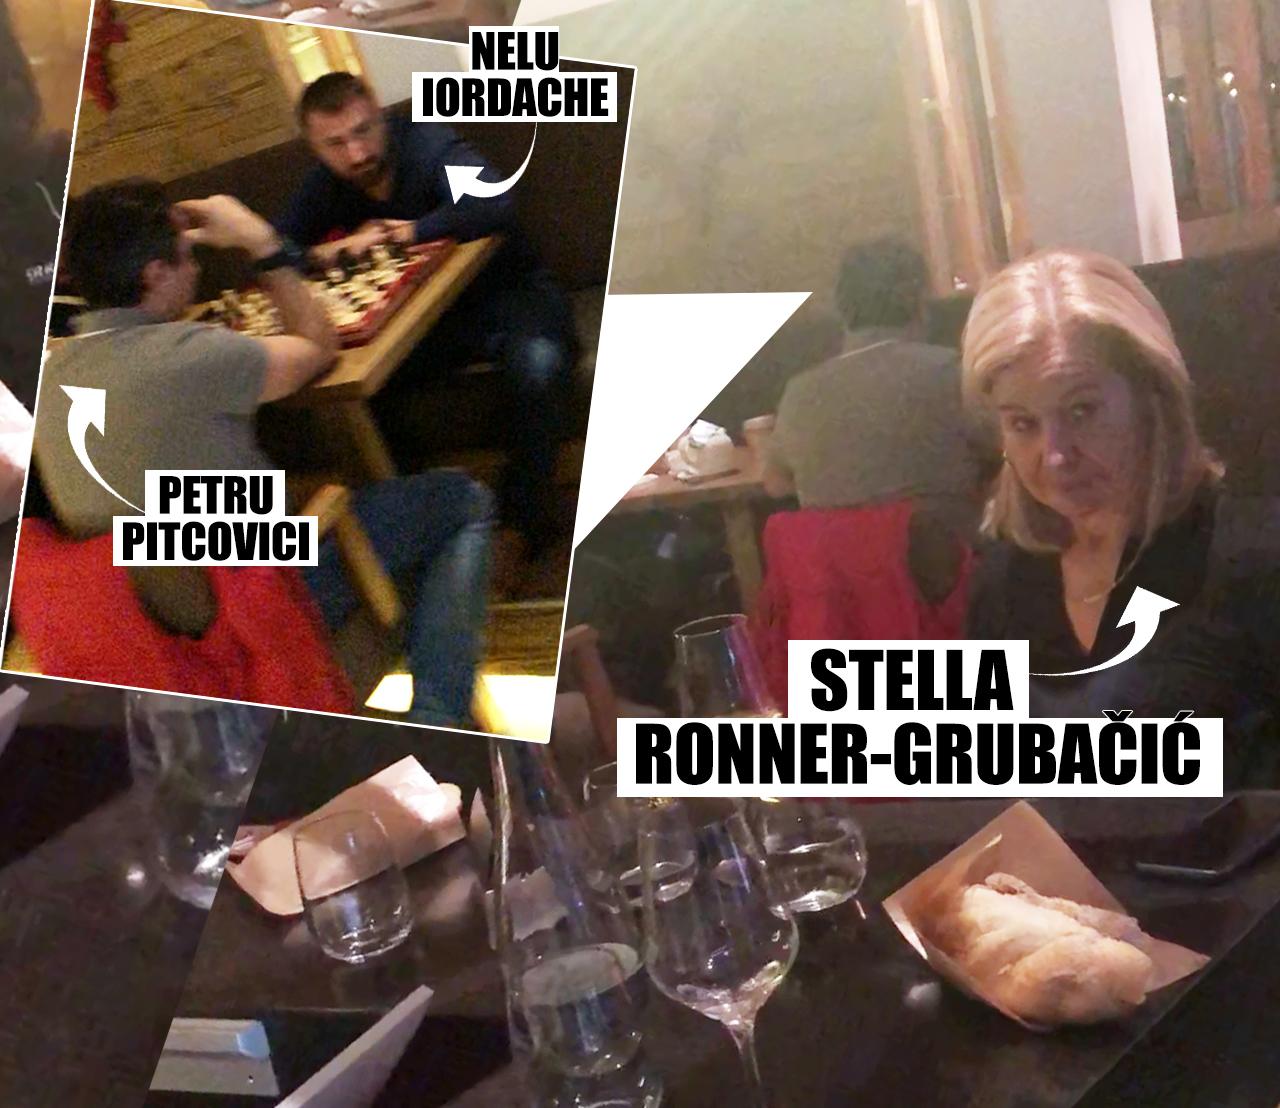 """1 IANUARIE, ORA 20.00. Înainte de cină, Stella Ronner Grubacic s-a întreţinut la bar cu o altă doamnă, în timp ce Nelu Iordache îşi """"făcea poftă de mâncare"""" la o masă mai în spate, jucând şah cu Petru Pitcovici"""